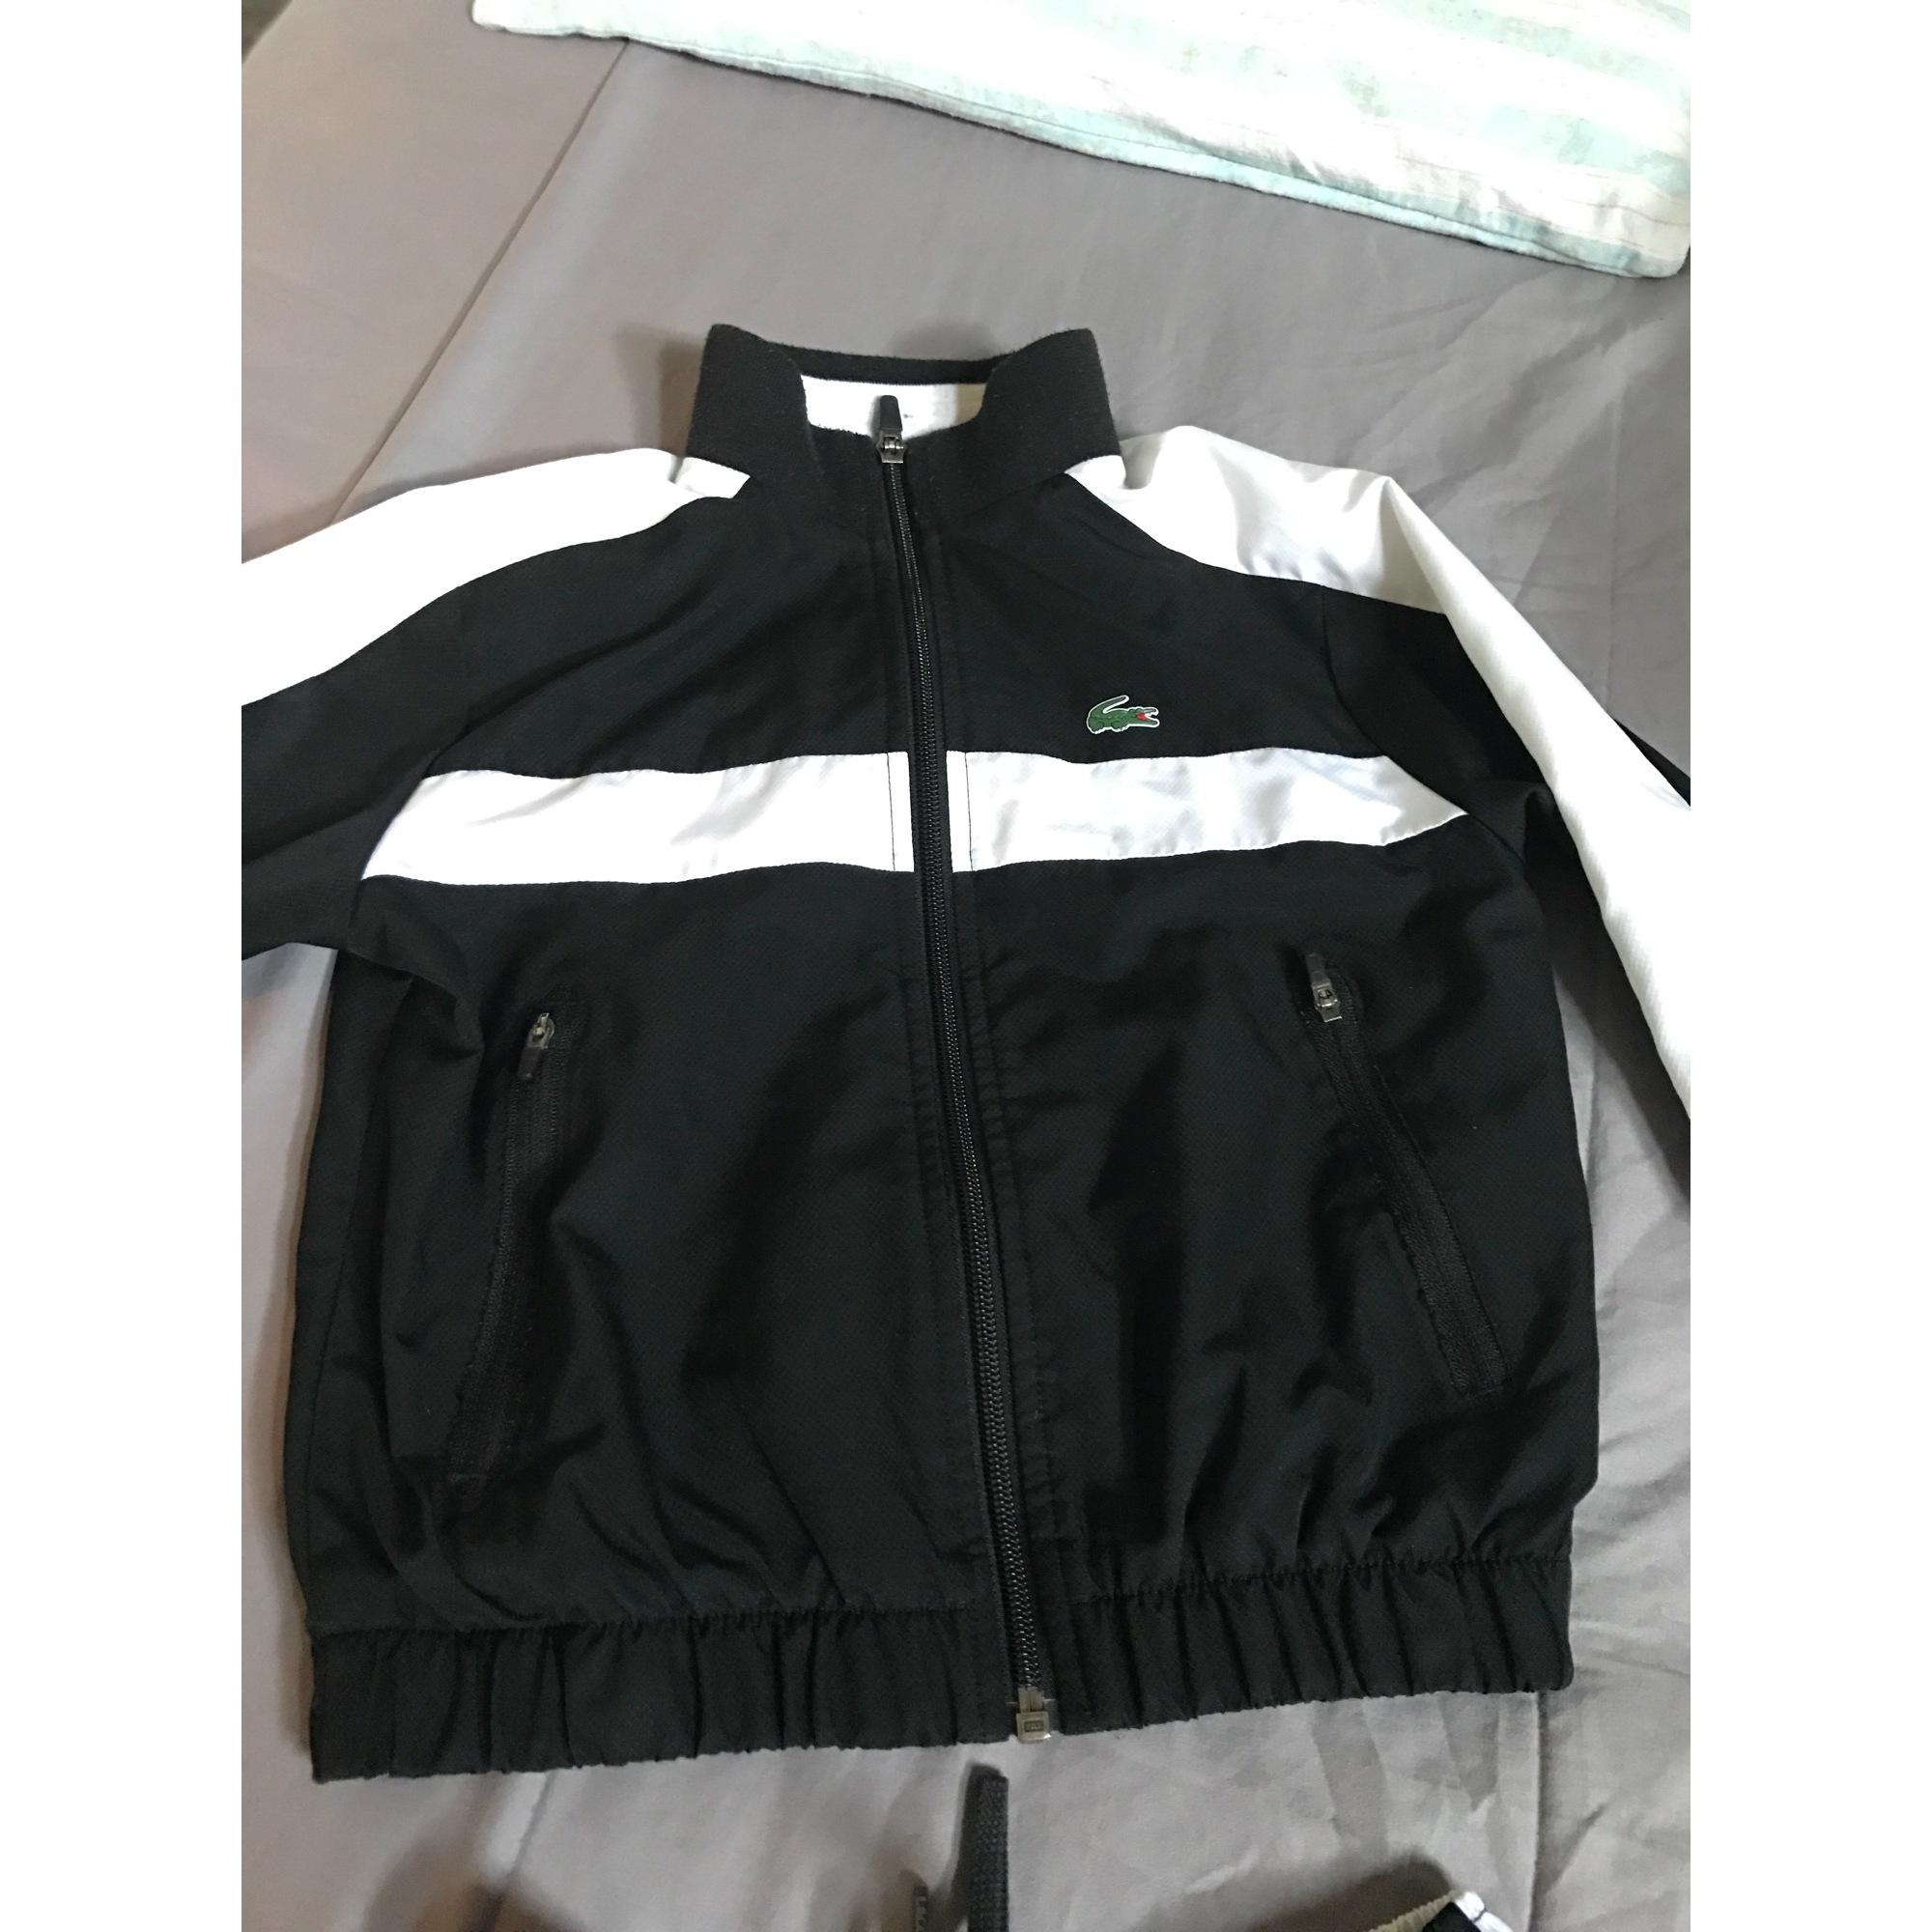 9ae1e8f17e54 Ensemble jogging LACOSTE 5-6 ans noir vendu par D'alexandra 30124235 ...